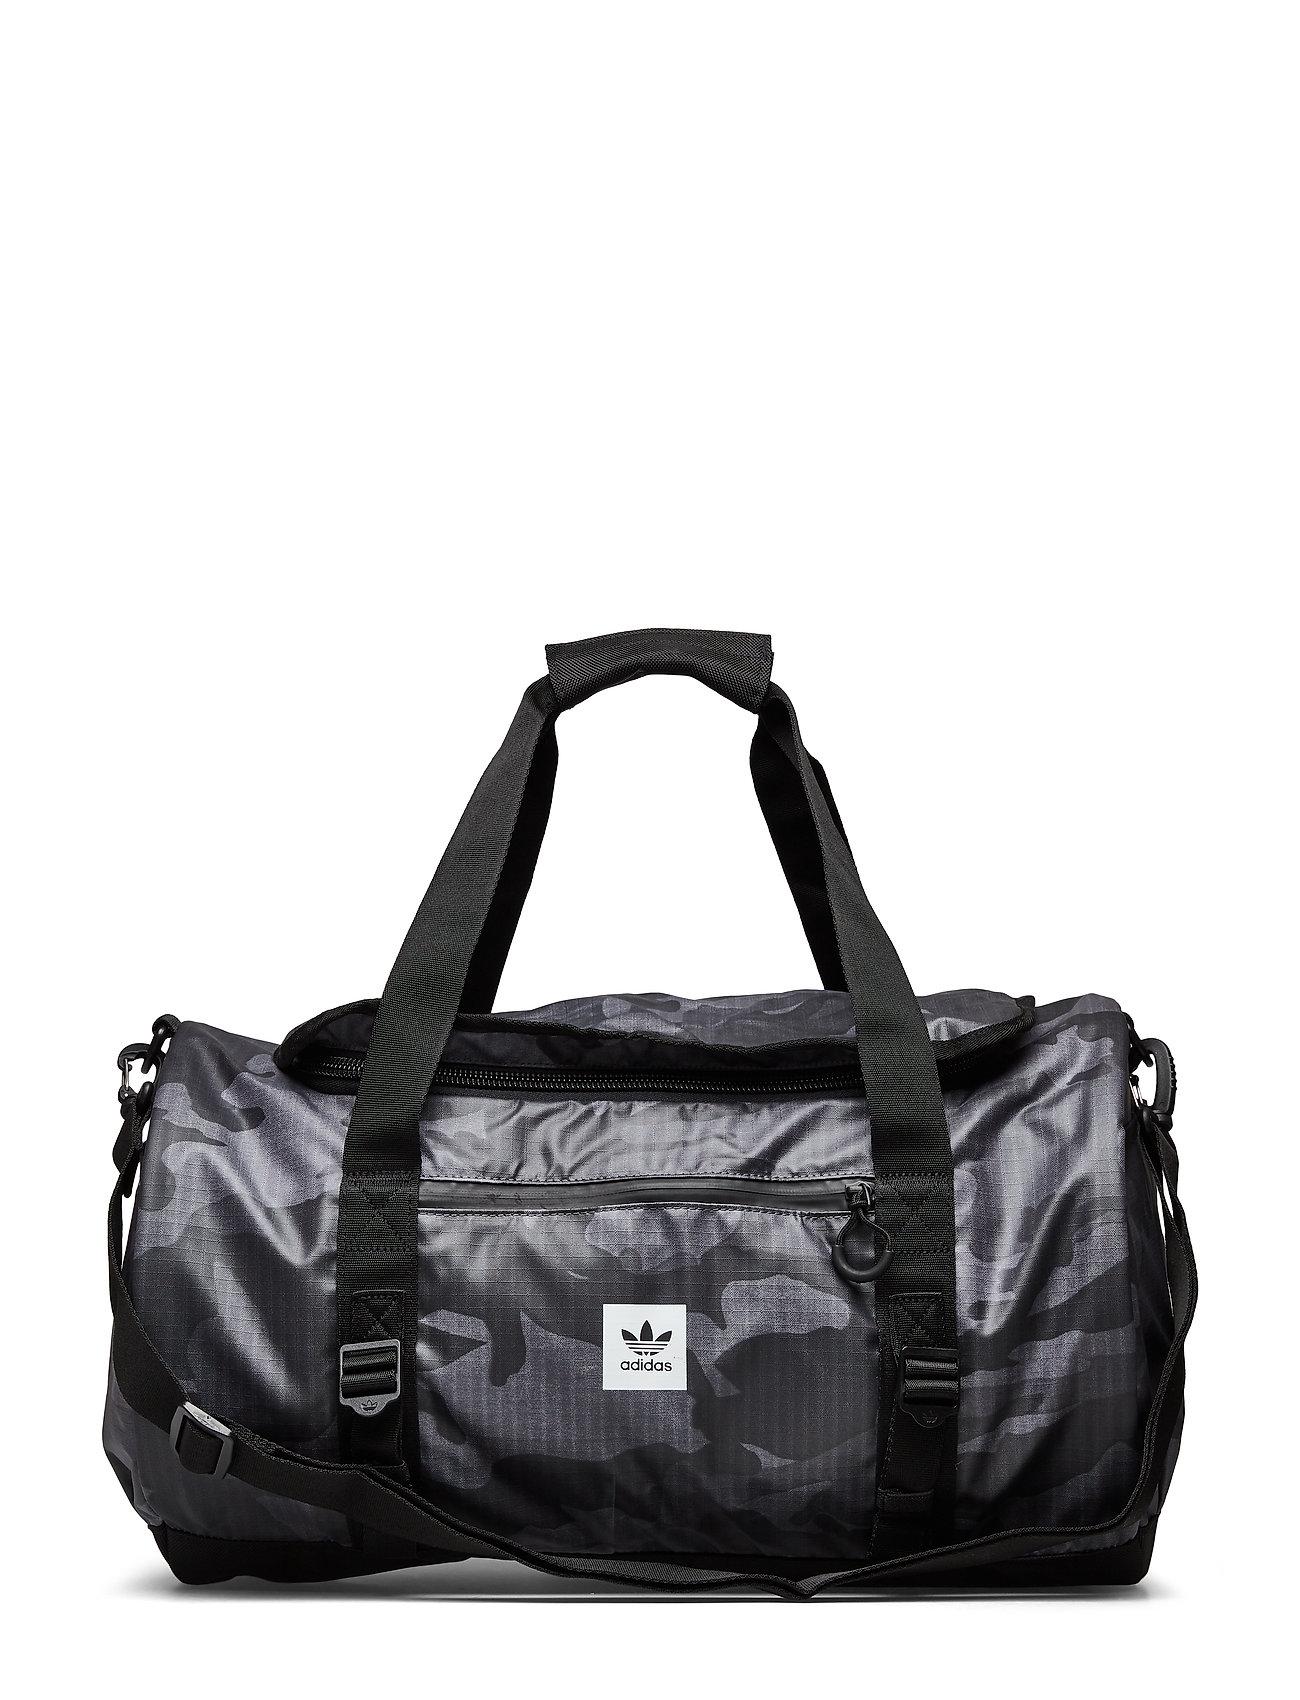 ADIDAS Gear Duffel Bags Weekend & Gym Bags Schwarz ADIDAS ORIGINALS